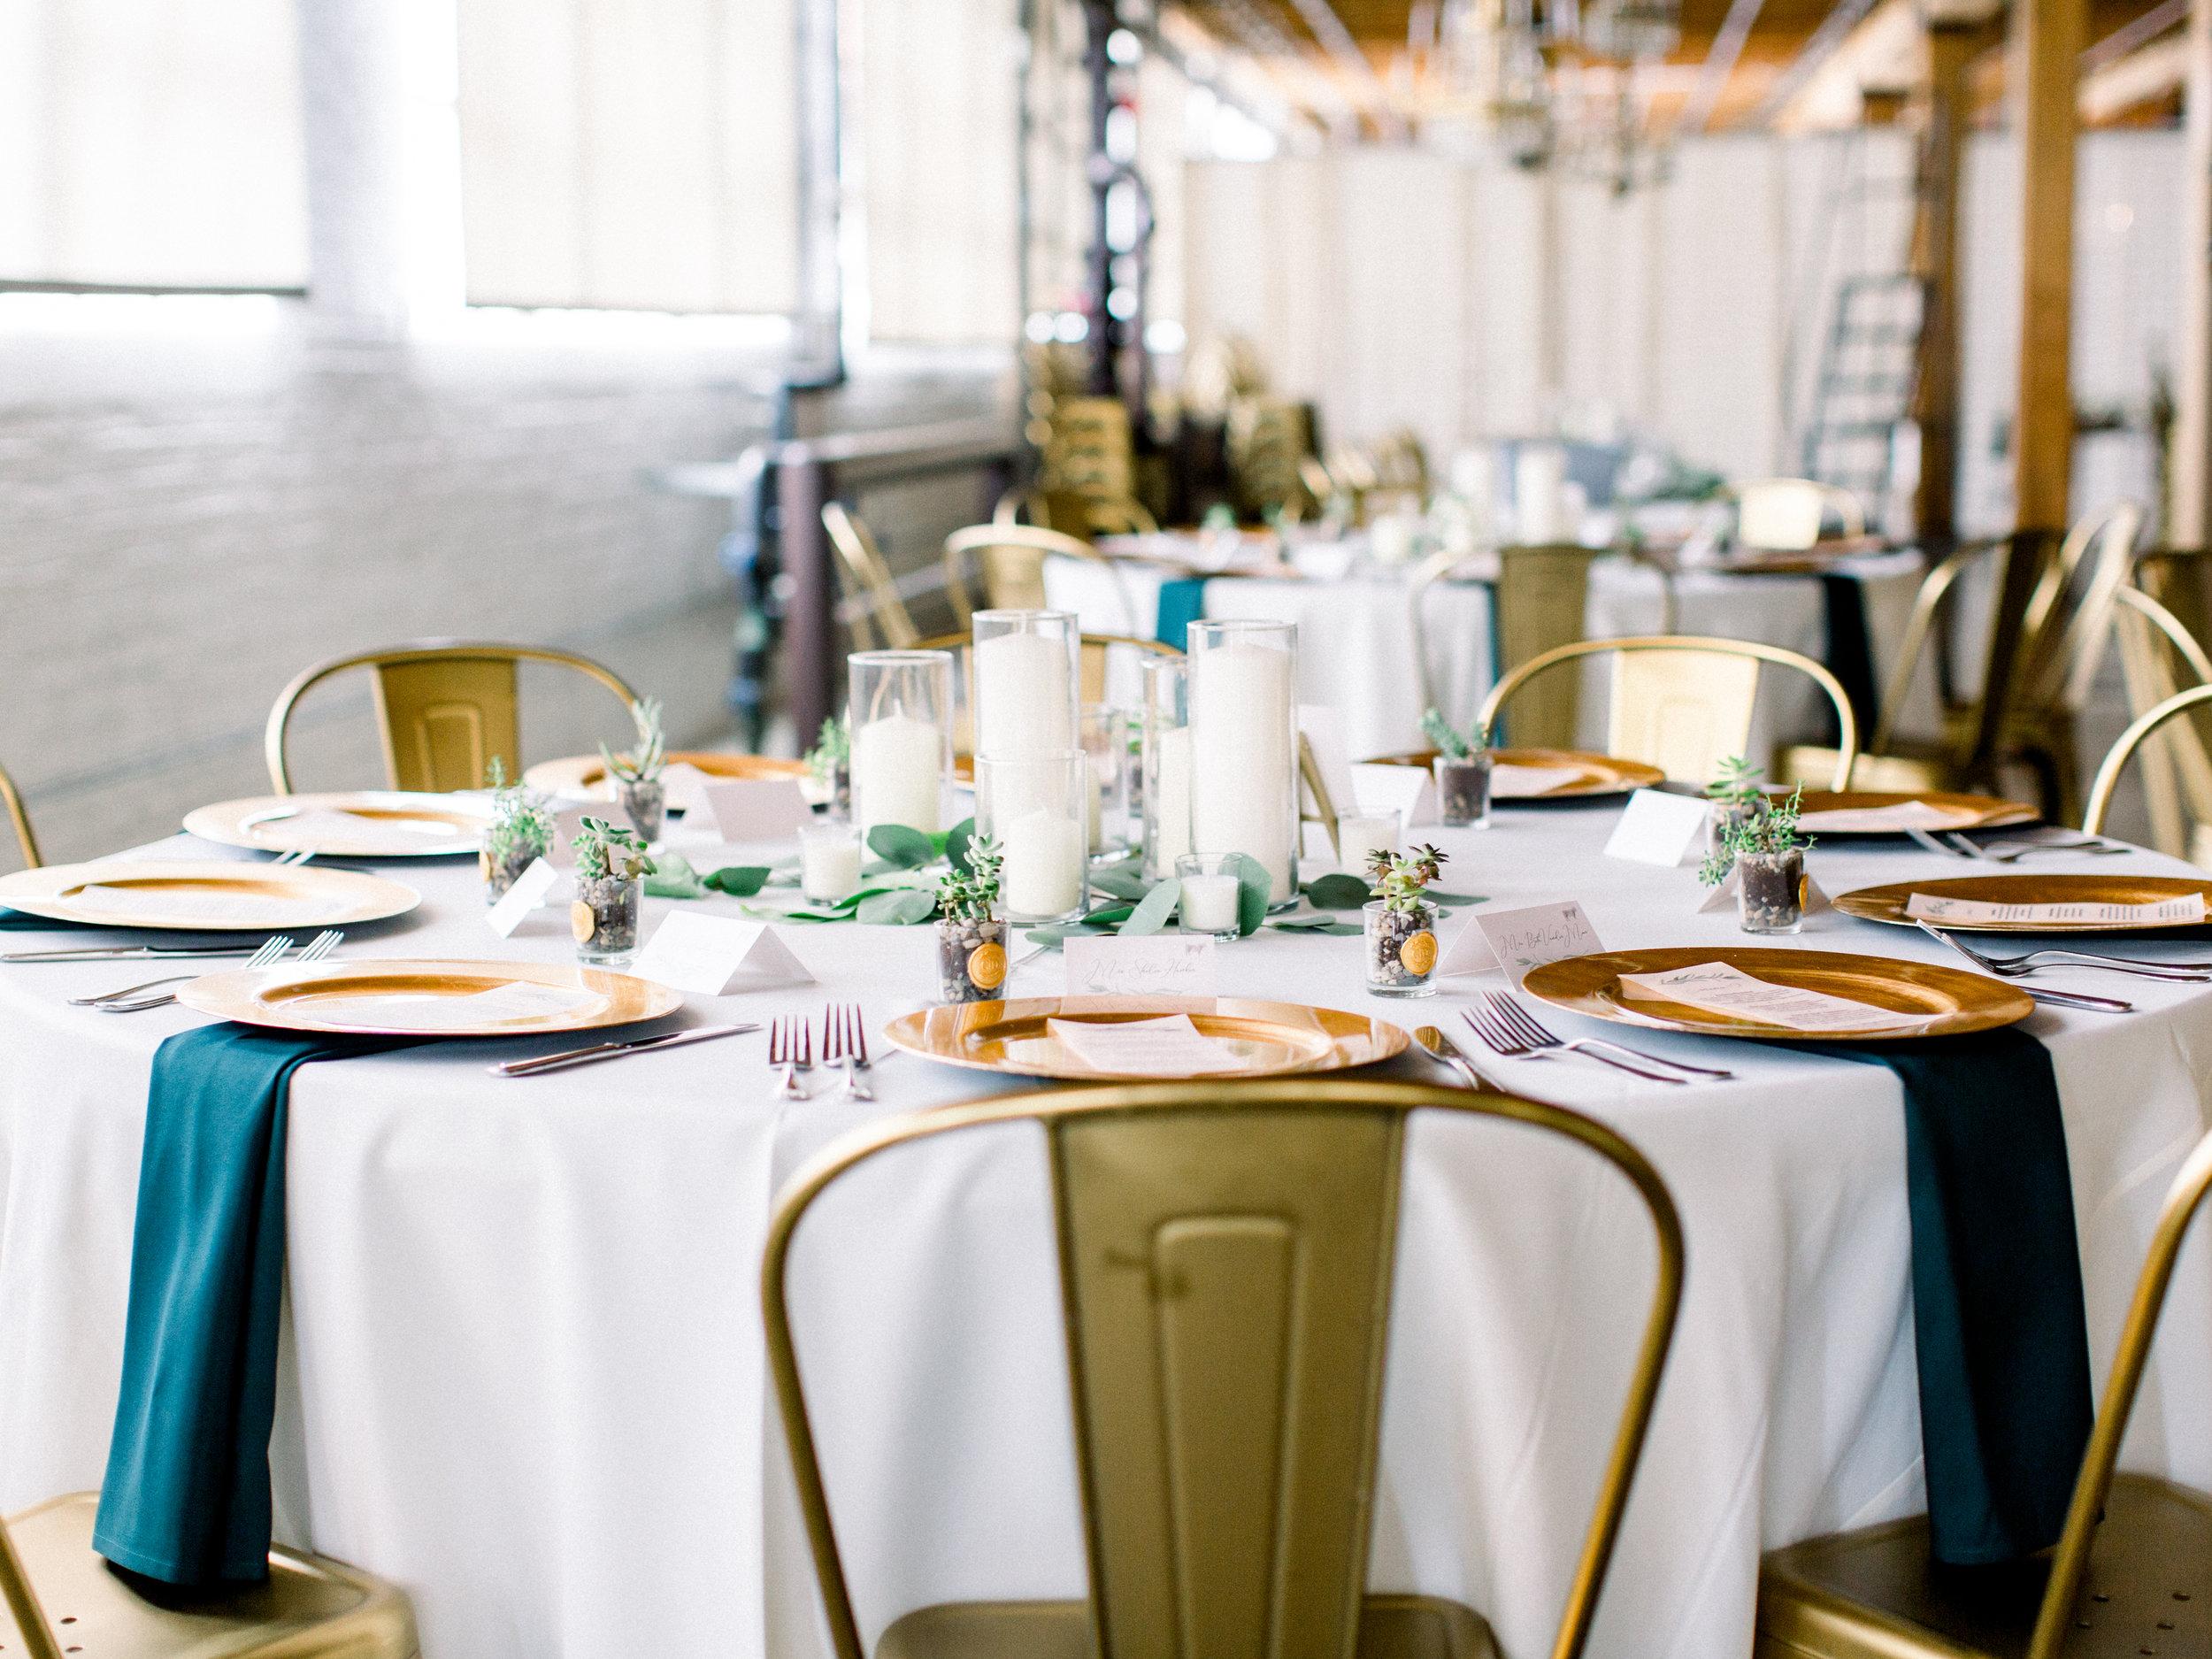 Steiner+Wedding+Reception+Details-7.jpg